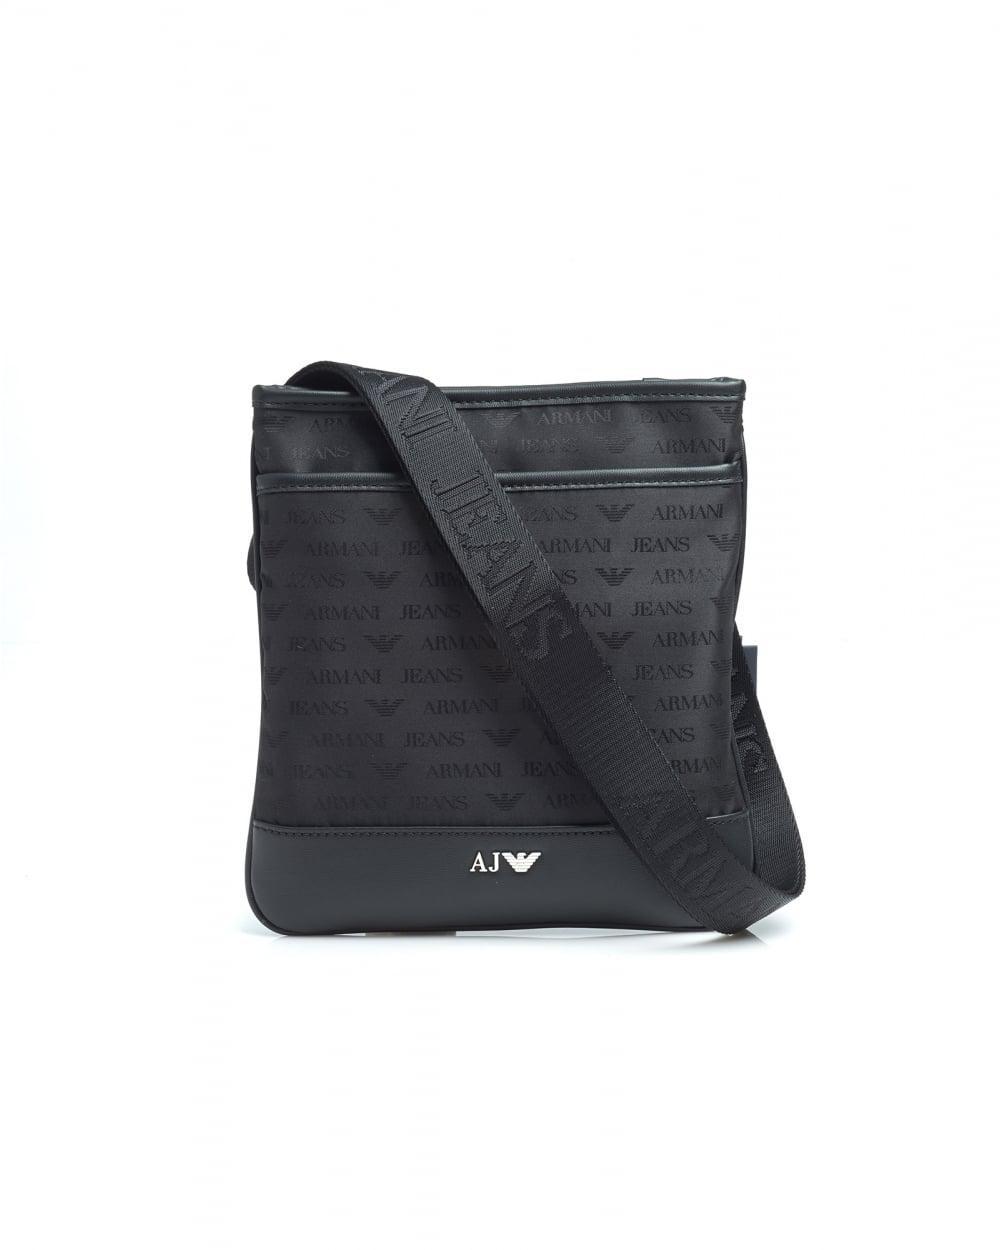 Lyst - Armani Jeans Black Small All Over Logo Stash Shoulder Bag in ... 84af1ceb85092